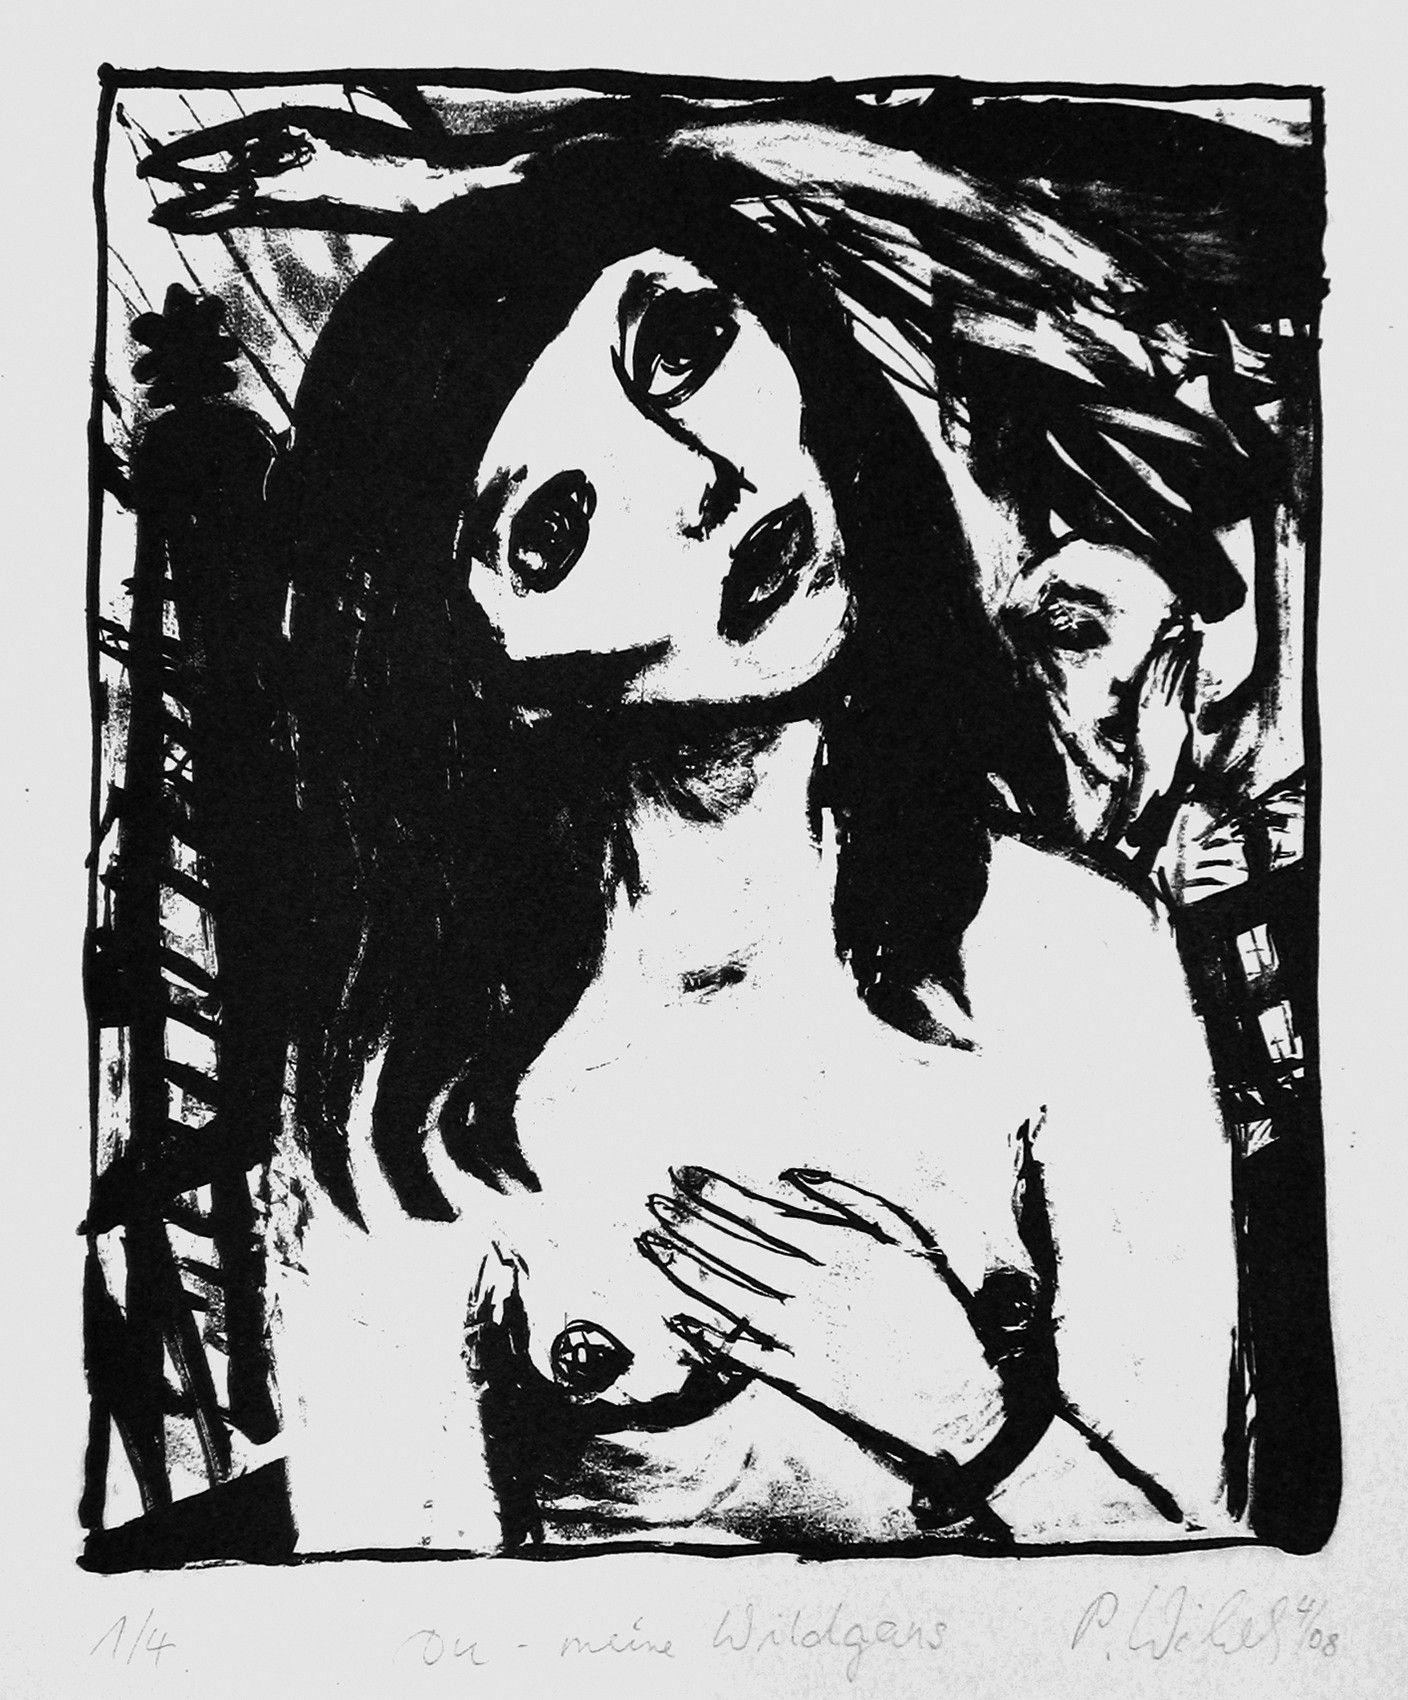 Petra Wildenhahn   Du - meine Wildgans   25 x 21 cm   Lithographie   Papiergröße 42 x 20 cm   2008   Auflage 4   signiert